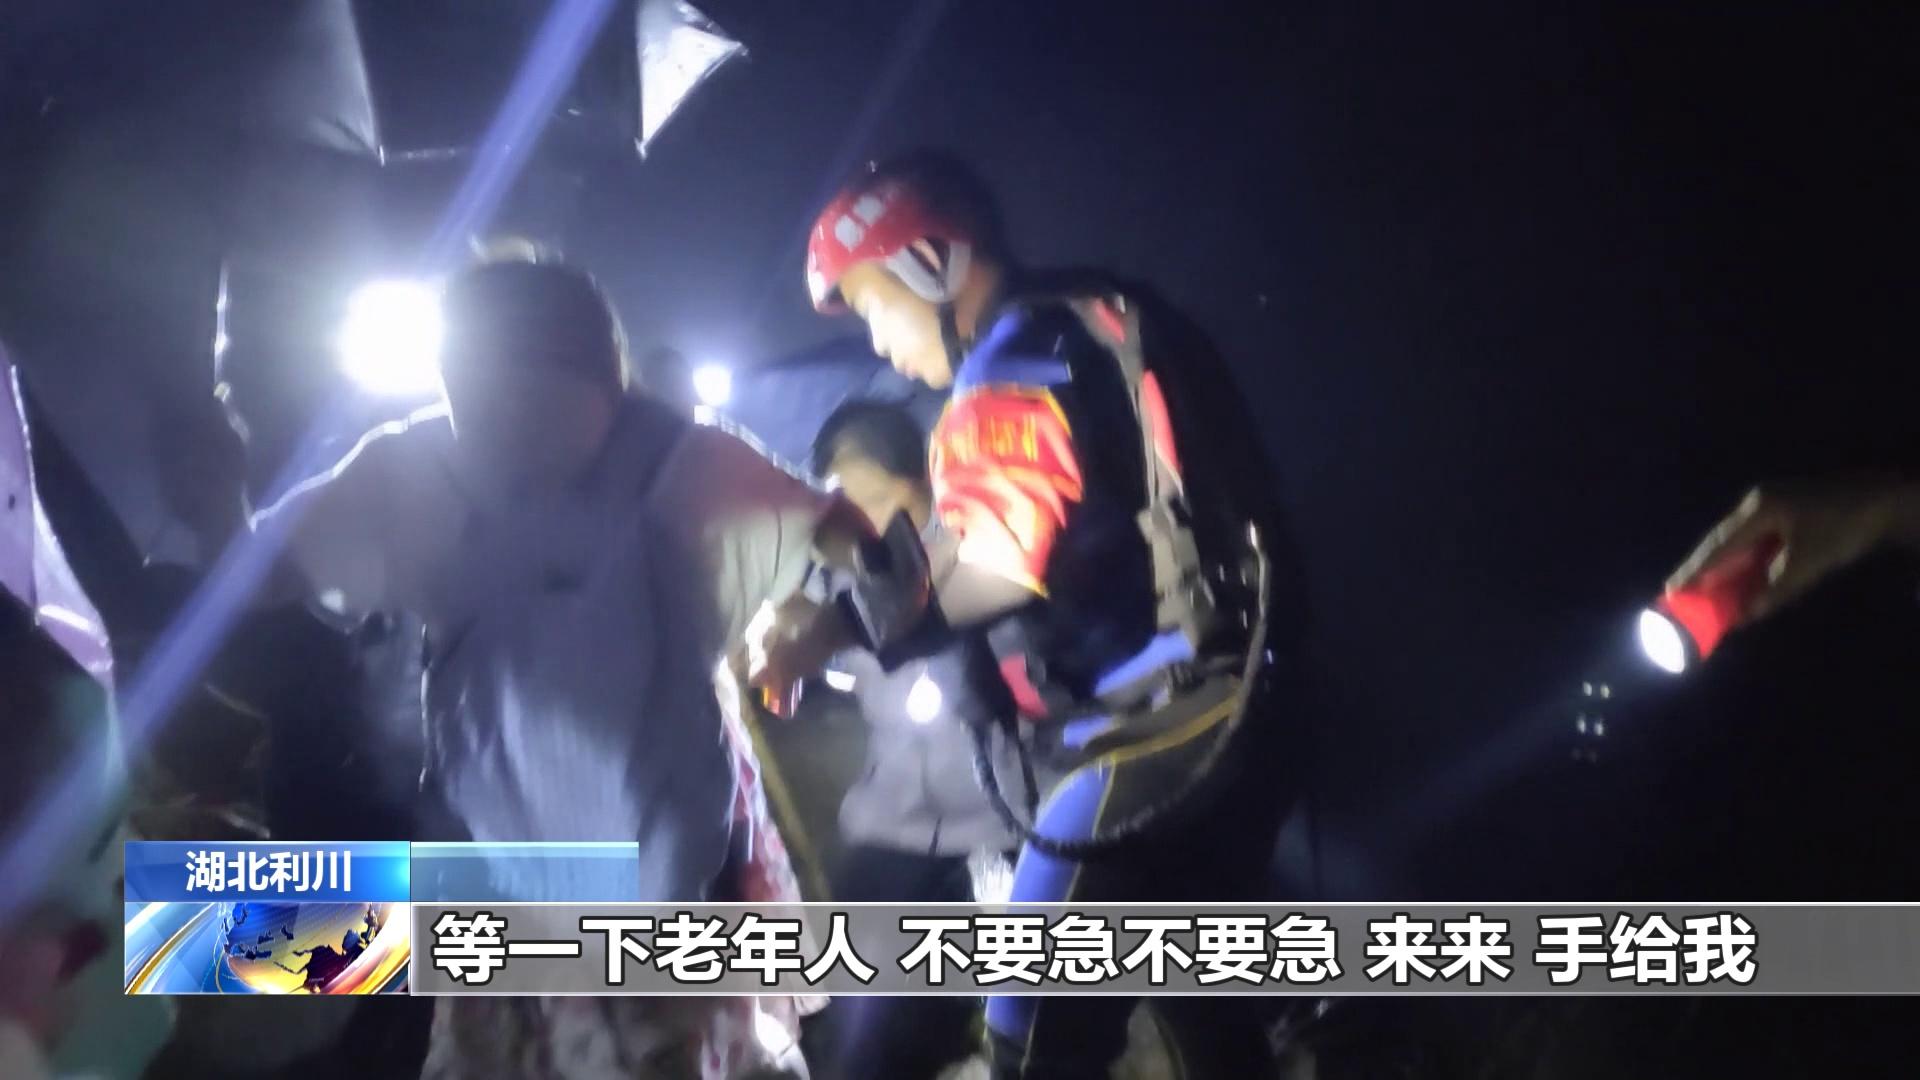 【股票配资】镇股票配资山体滑坡500余人连夜转移图片